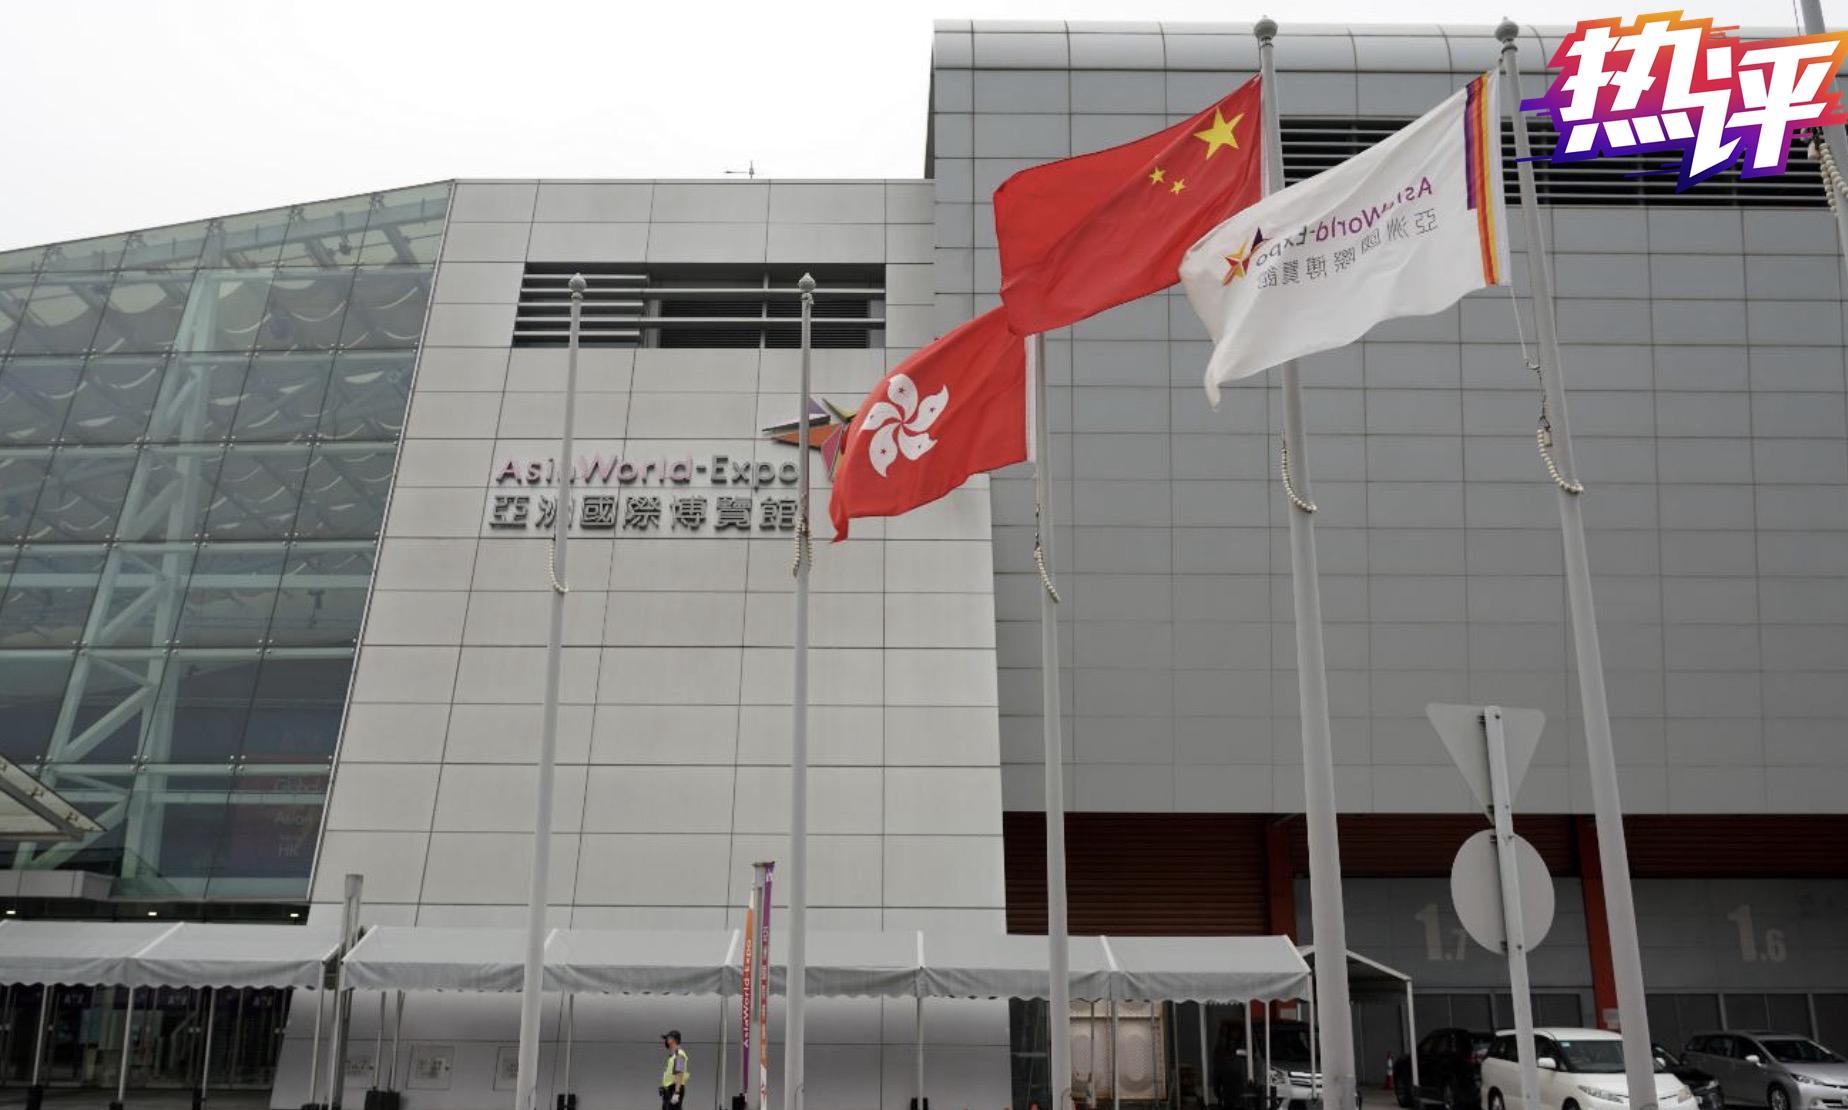 热评丨香港市民的安全与健康才是当前最大的政治